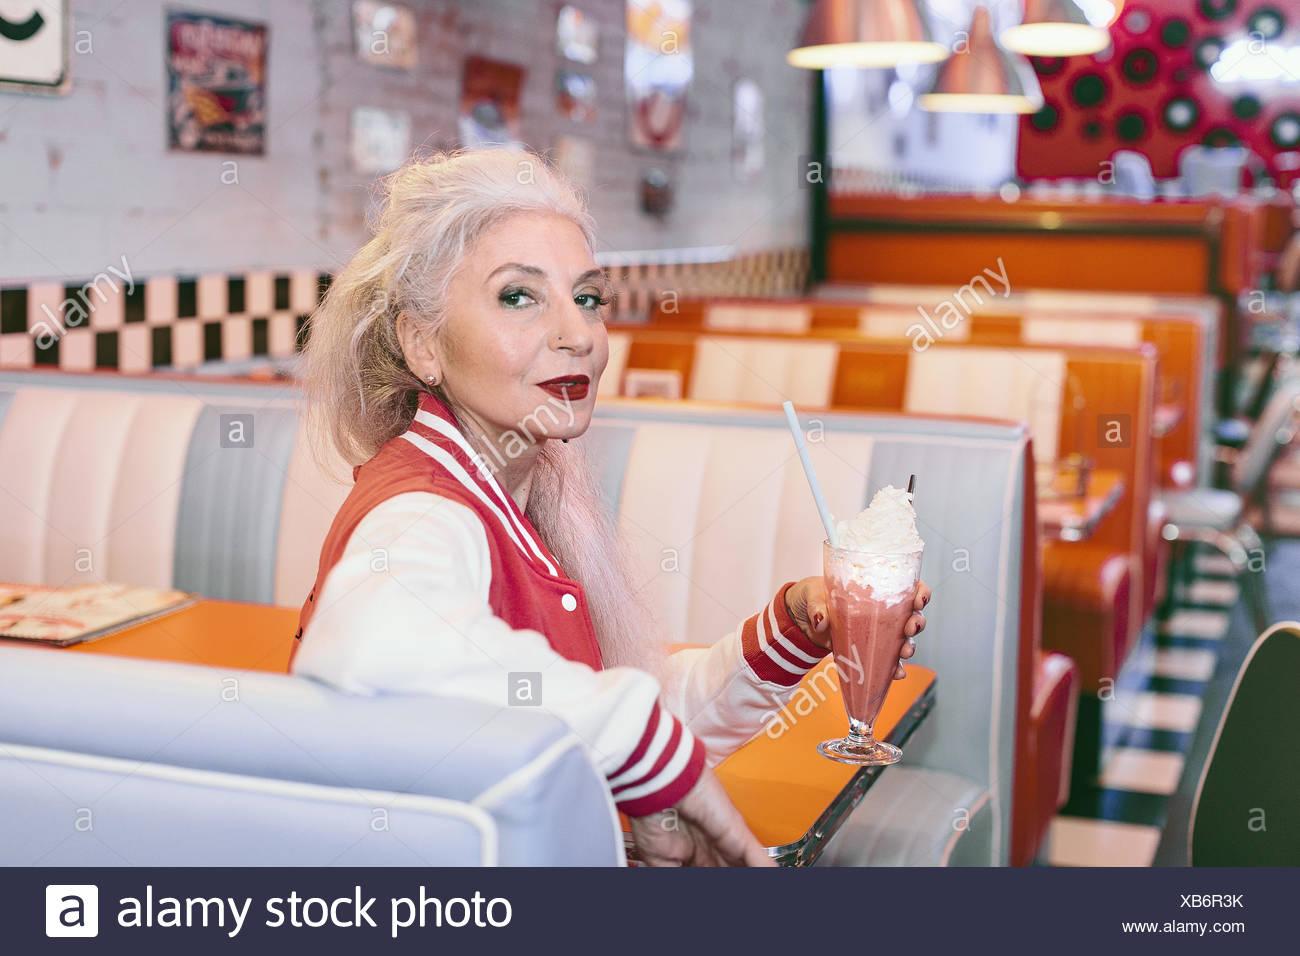 matura negli donna anni Ritratto giacca in con di baseball frullato Egqzqn18